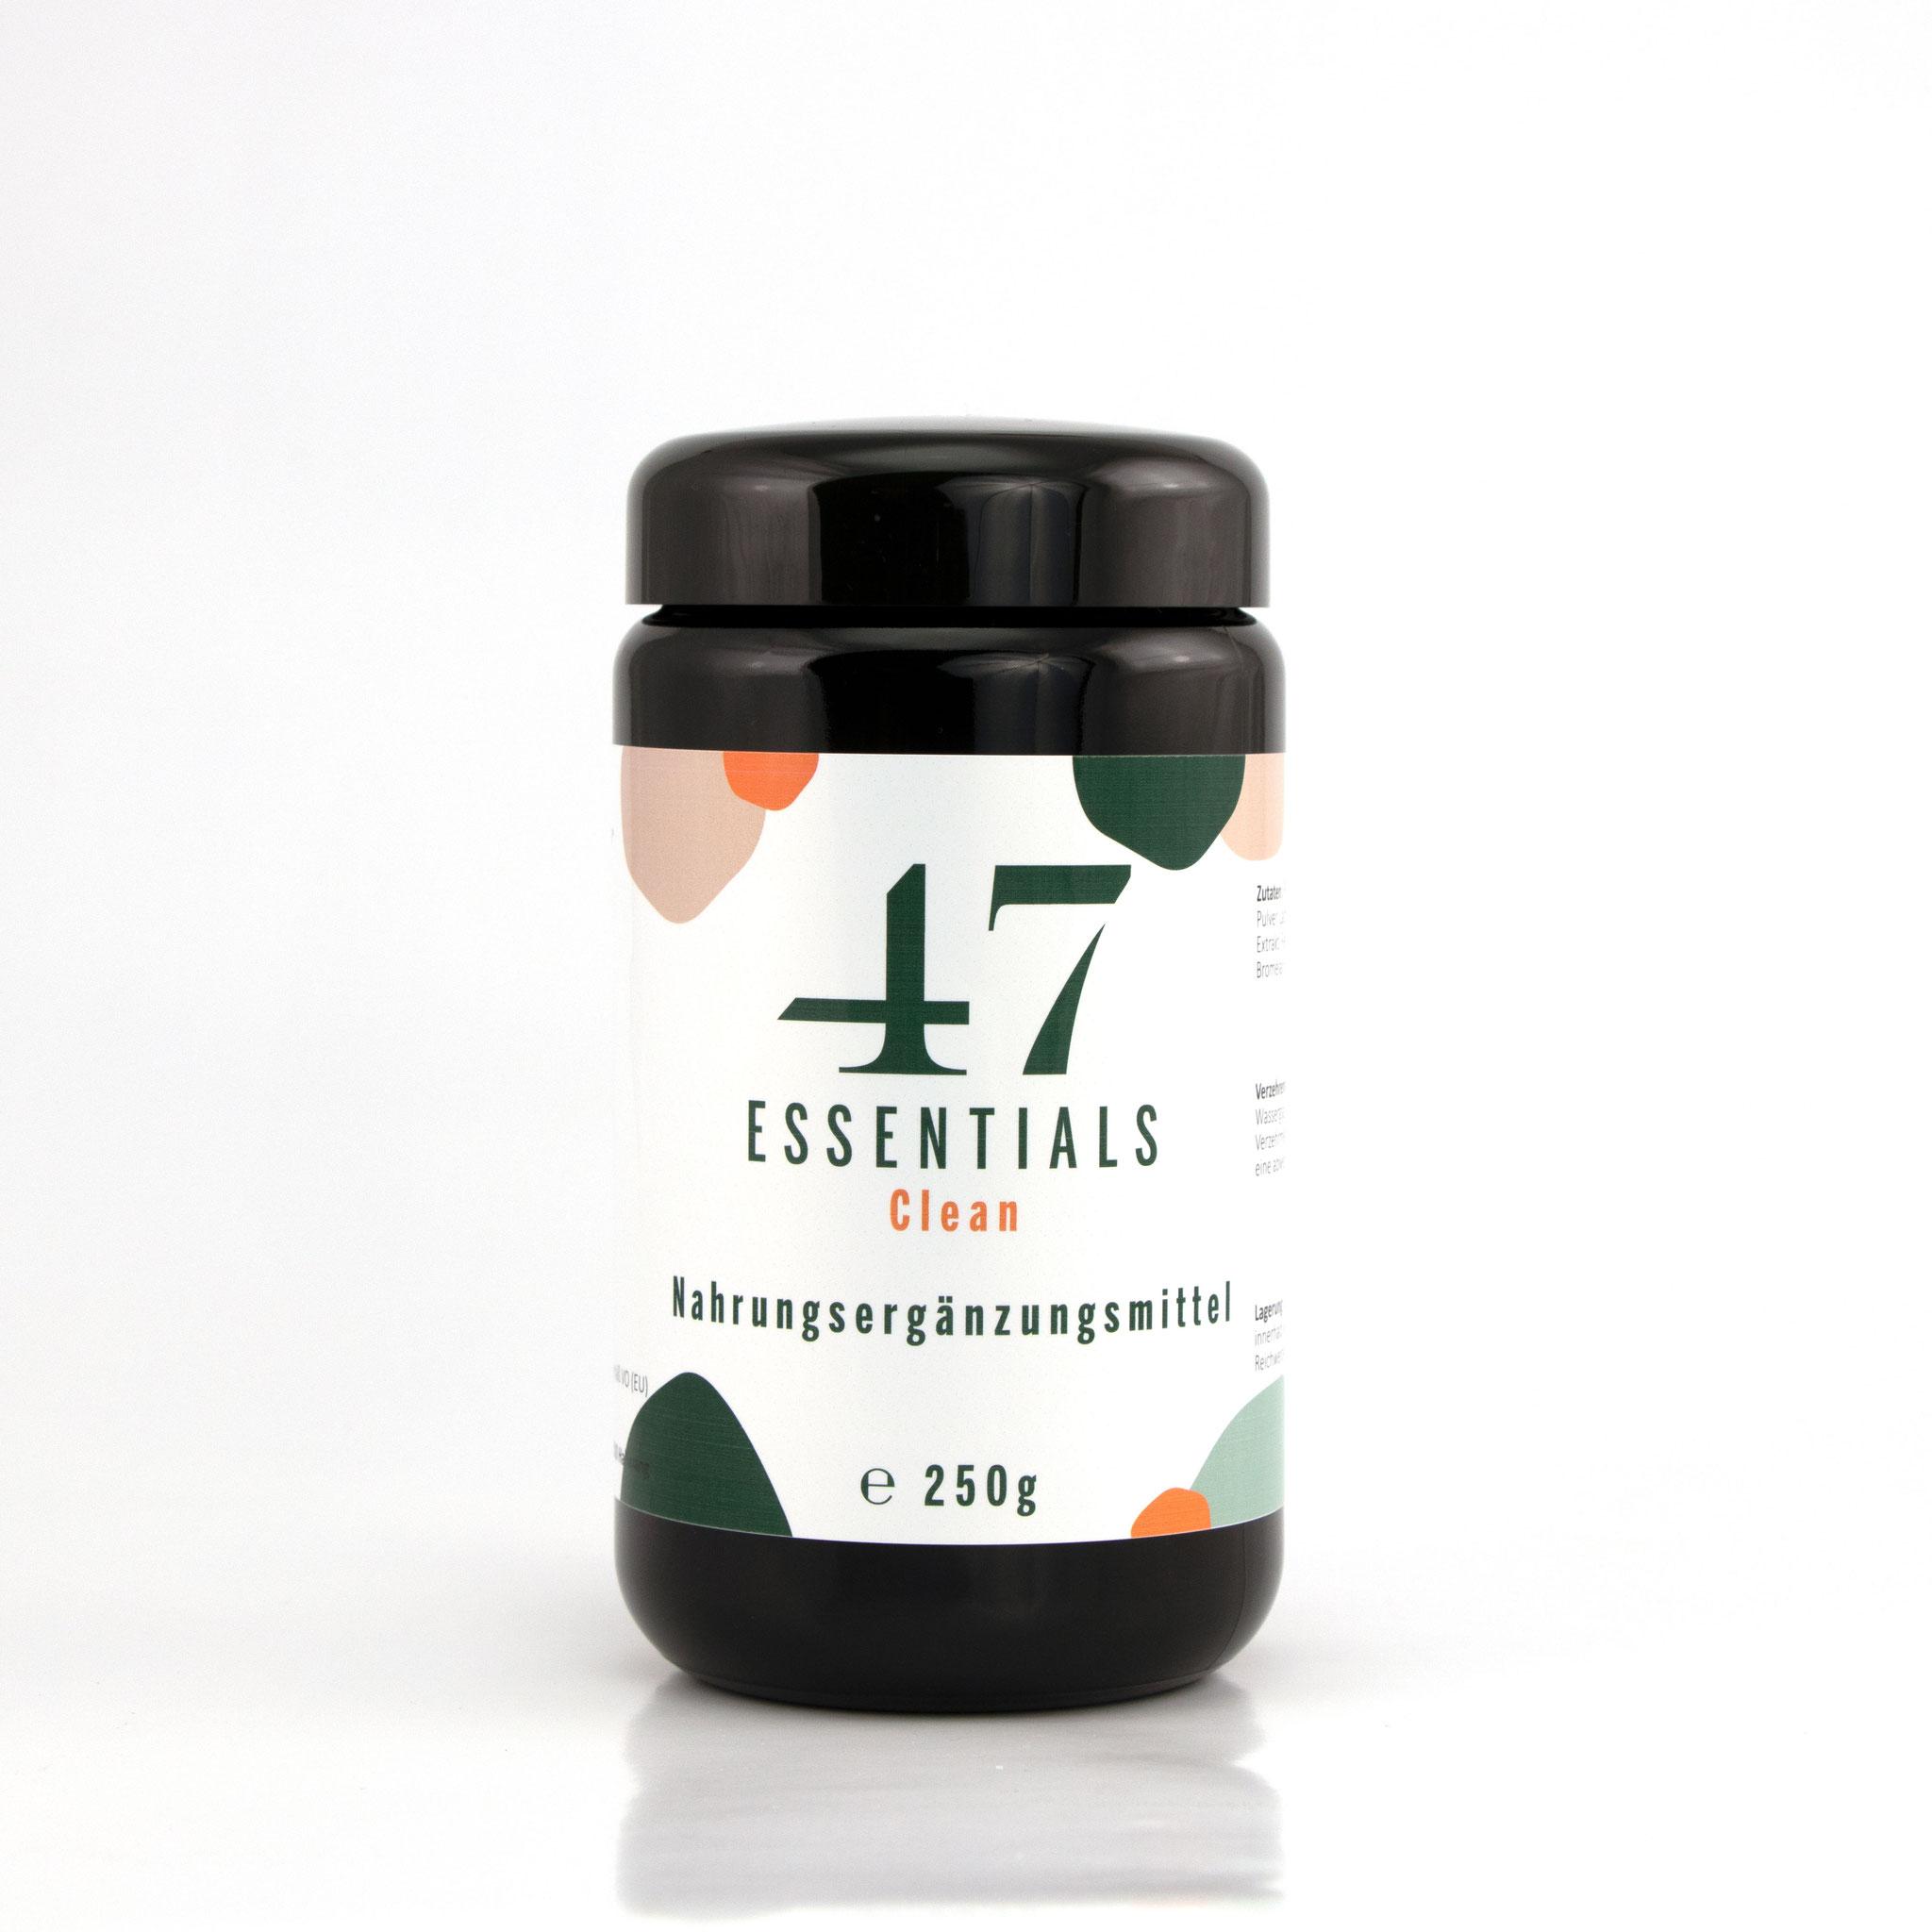 Clean 350g (Die tägliche Hilfe für den Darm)     € 28,00          Klicken Sie hier um mehr über das Produkt zu erfahren